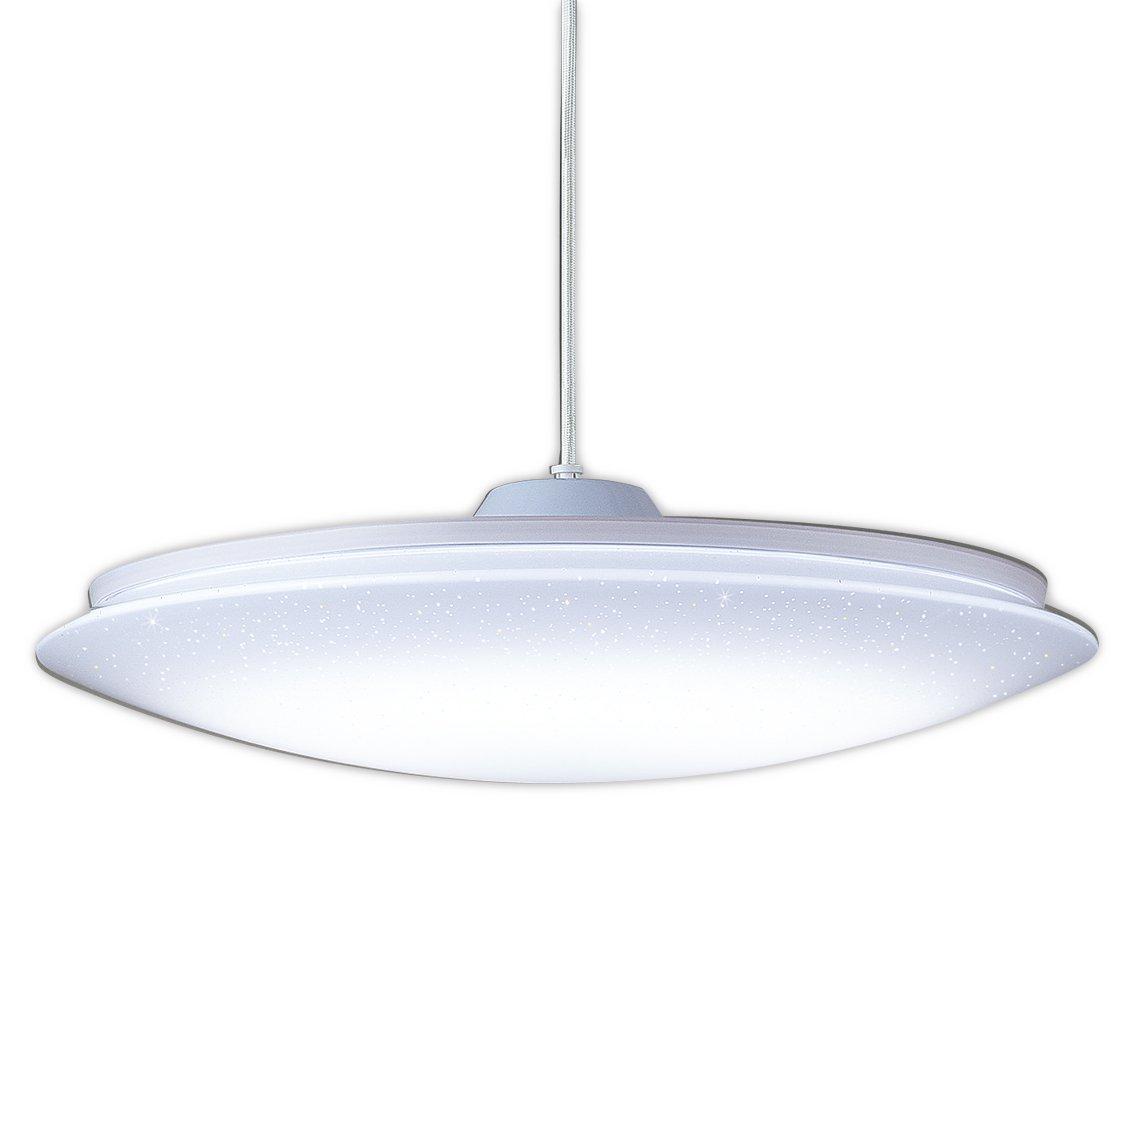 東芝ライテック LED居室用ペンダント キラキラ 透明乳白シルク印刷 8畳 B00IJPL1GK  コード有効長50cm